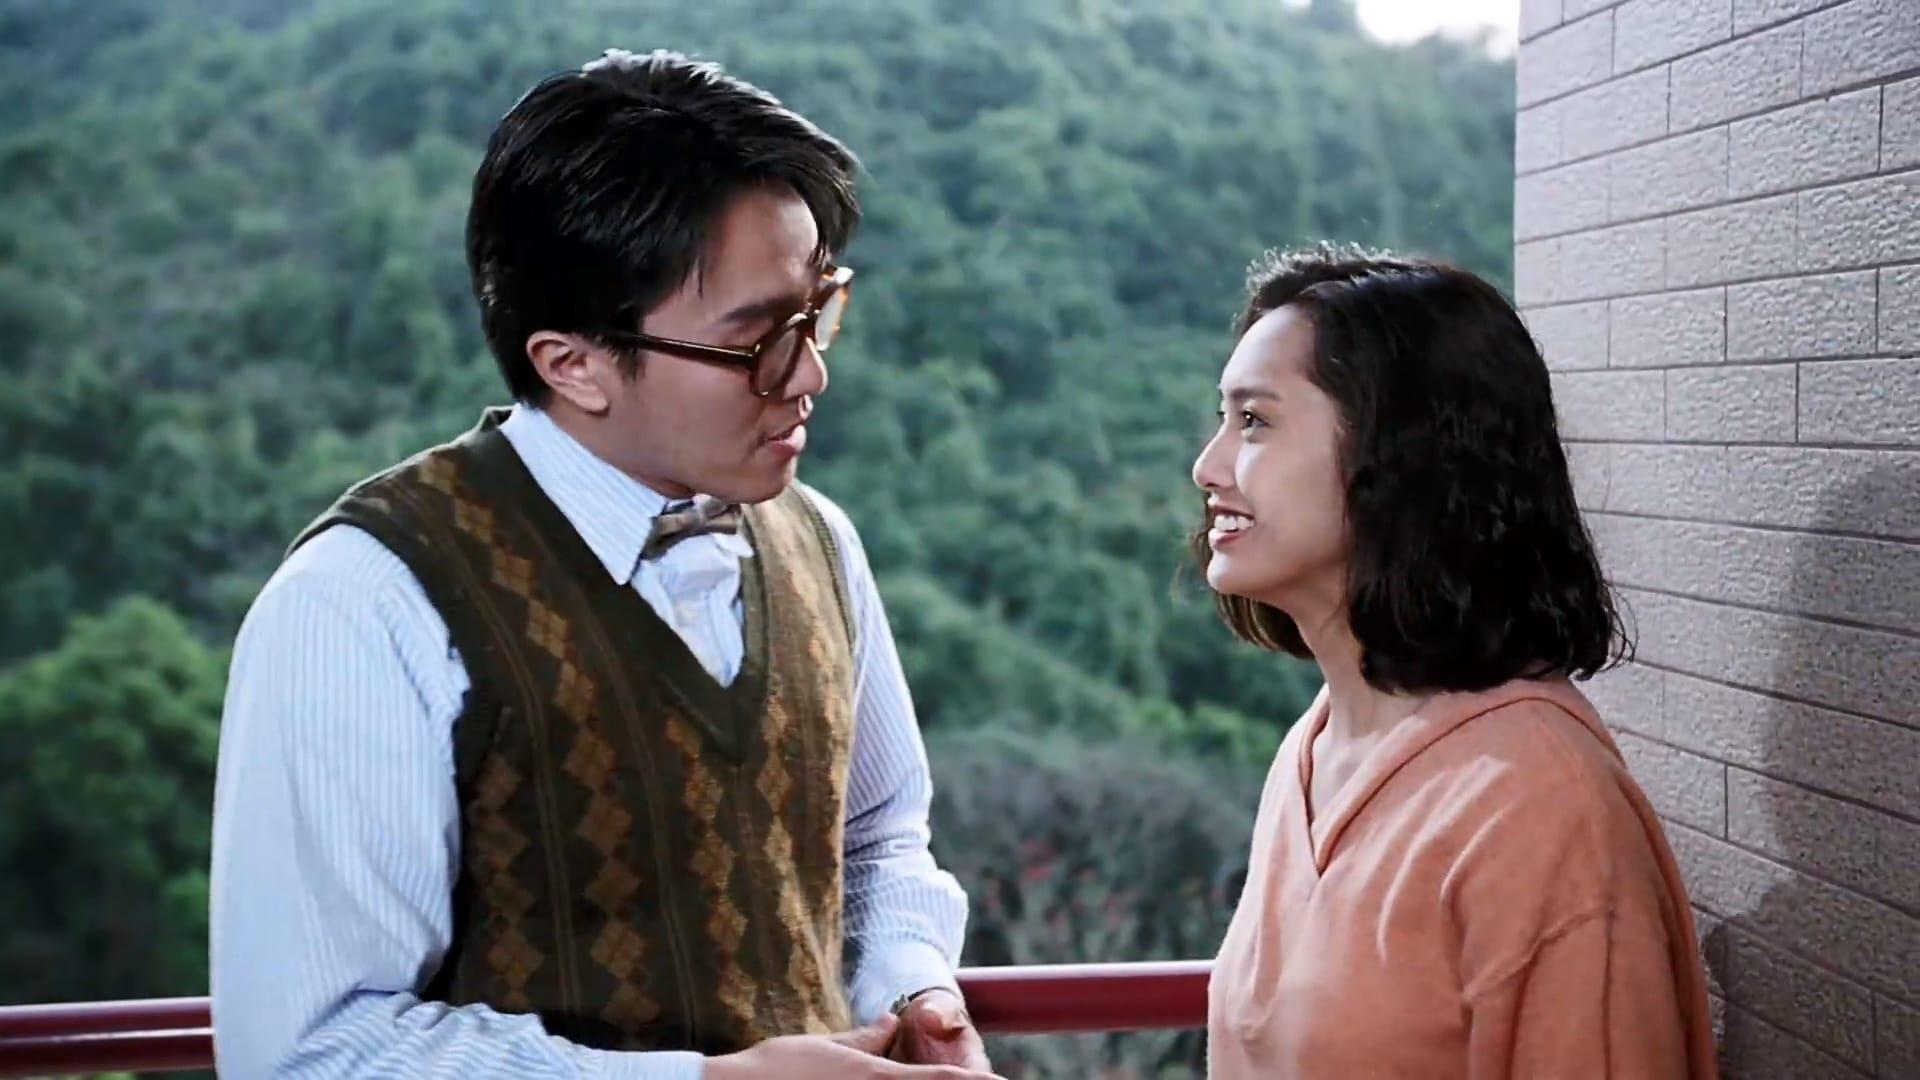 Trường Học Uy Long 2 (1992) - Phim Hài Châu Tinh Trì [Lồng Tiếng, HD] -  TinhTinhTV.com